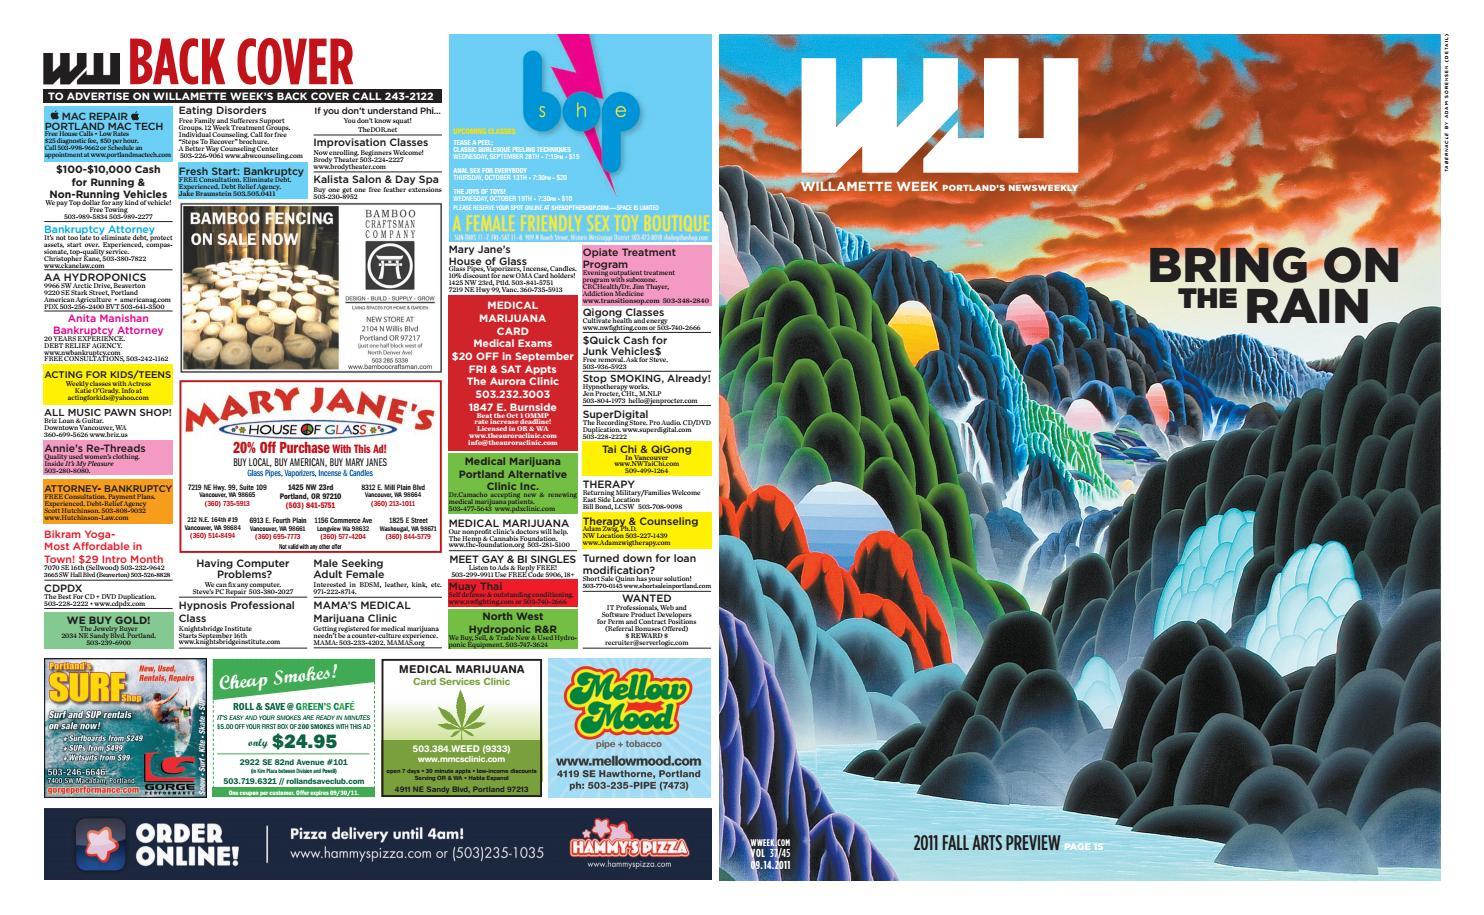 ec7d3be3d4ac 37 45 willamette week, september 14, 2011 by Willamette Week Newspaper -  issuu